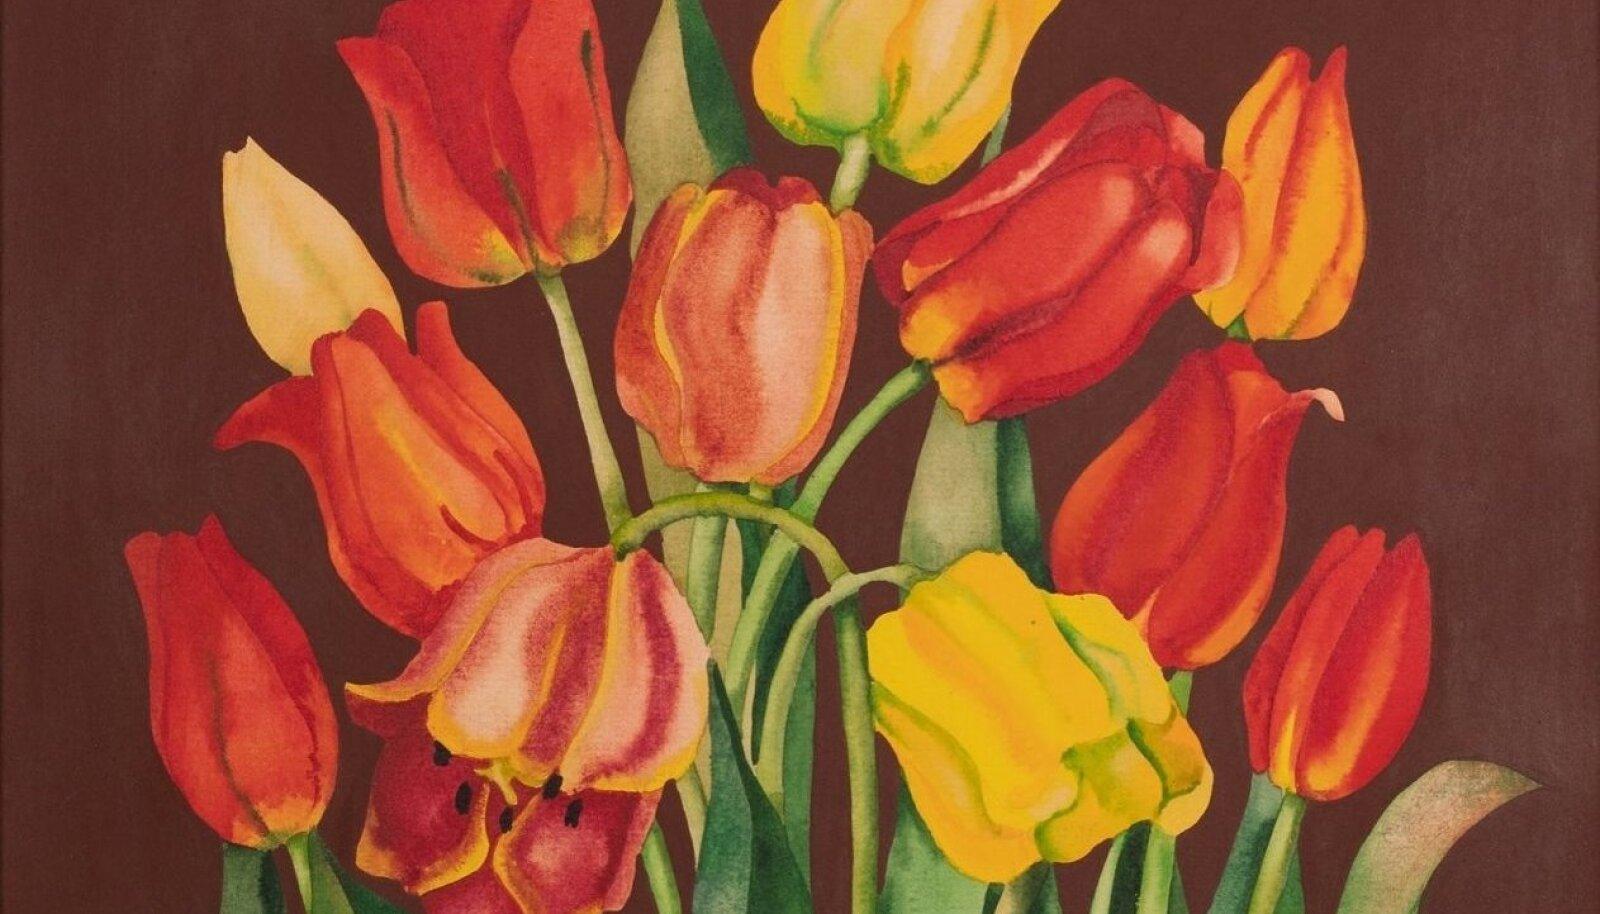 """Malle Leisi tööna esitletud maal """"Tulbid"""" 1960. aastatest."""